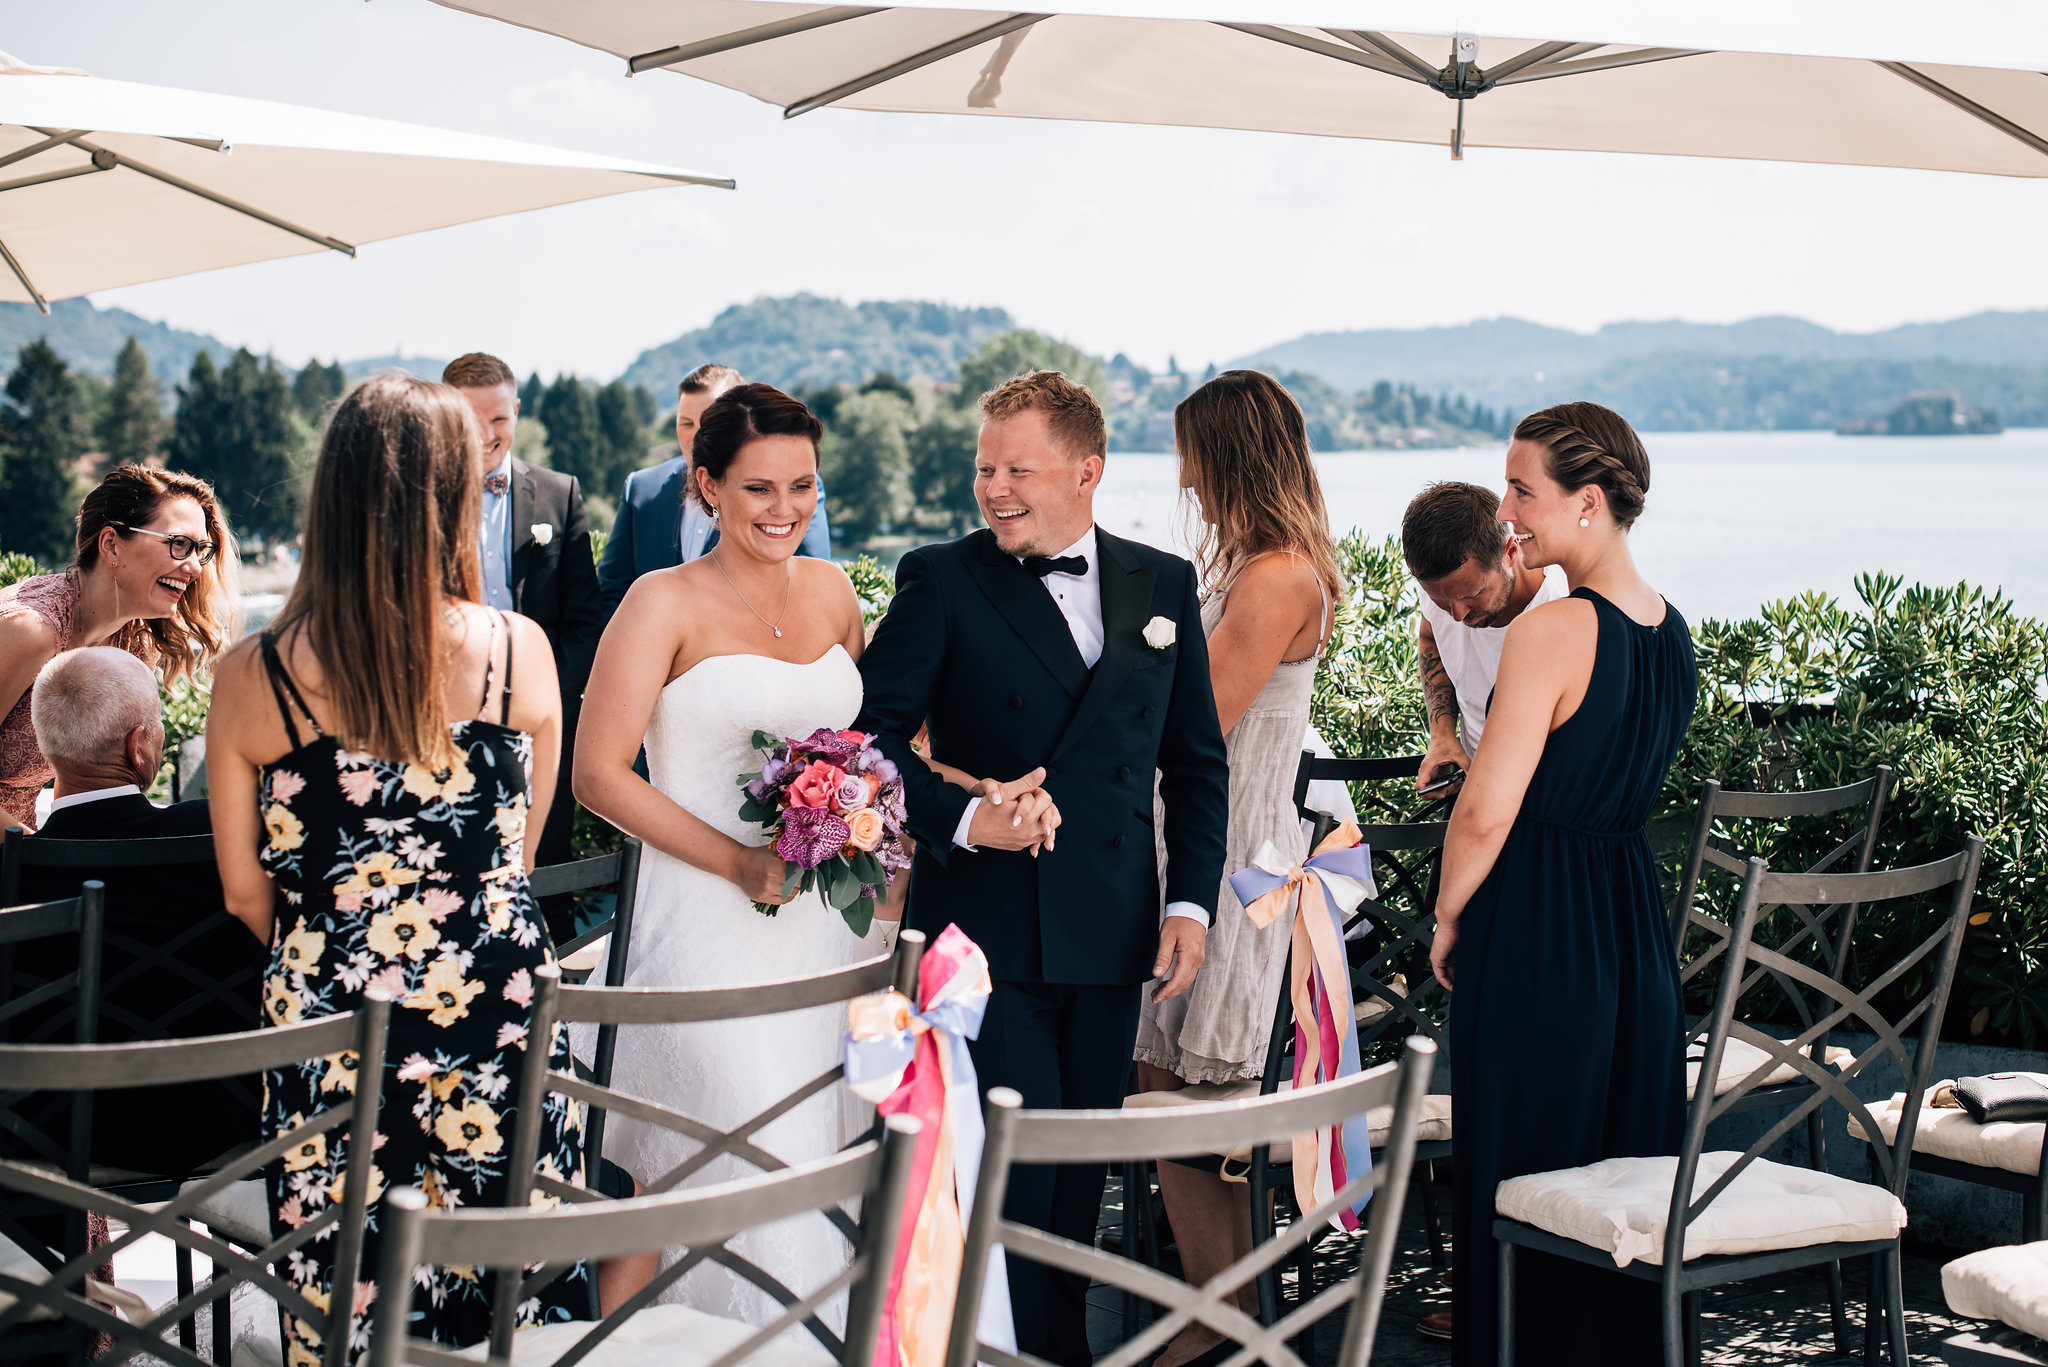 _N854874-fotograf-italia-bryllup.jpg